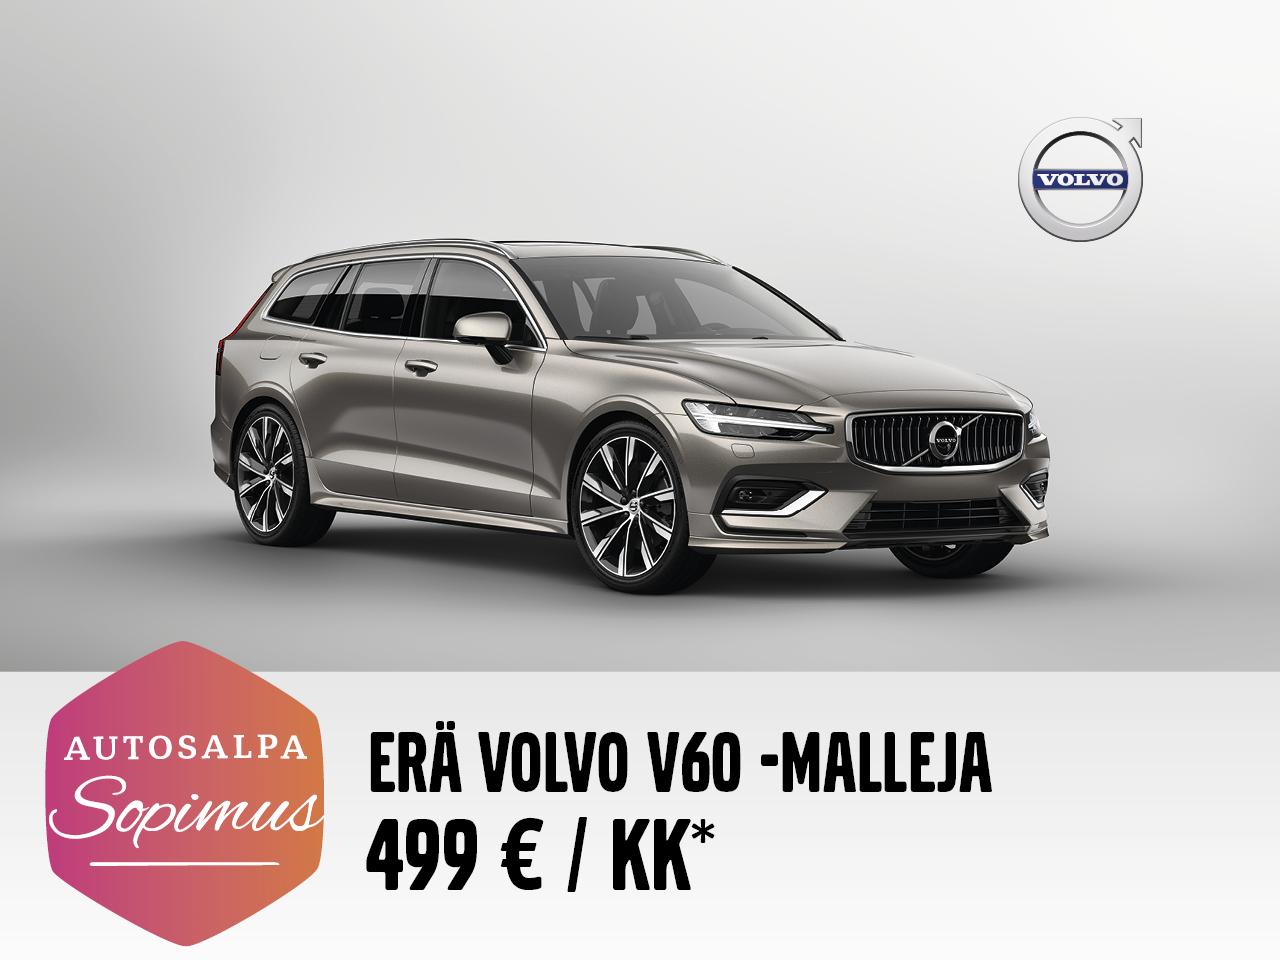 Volvo V60 499 € / kk